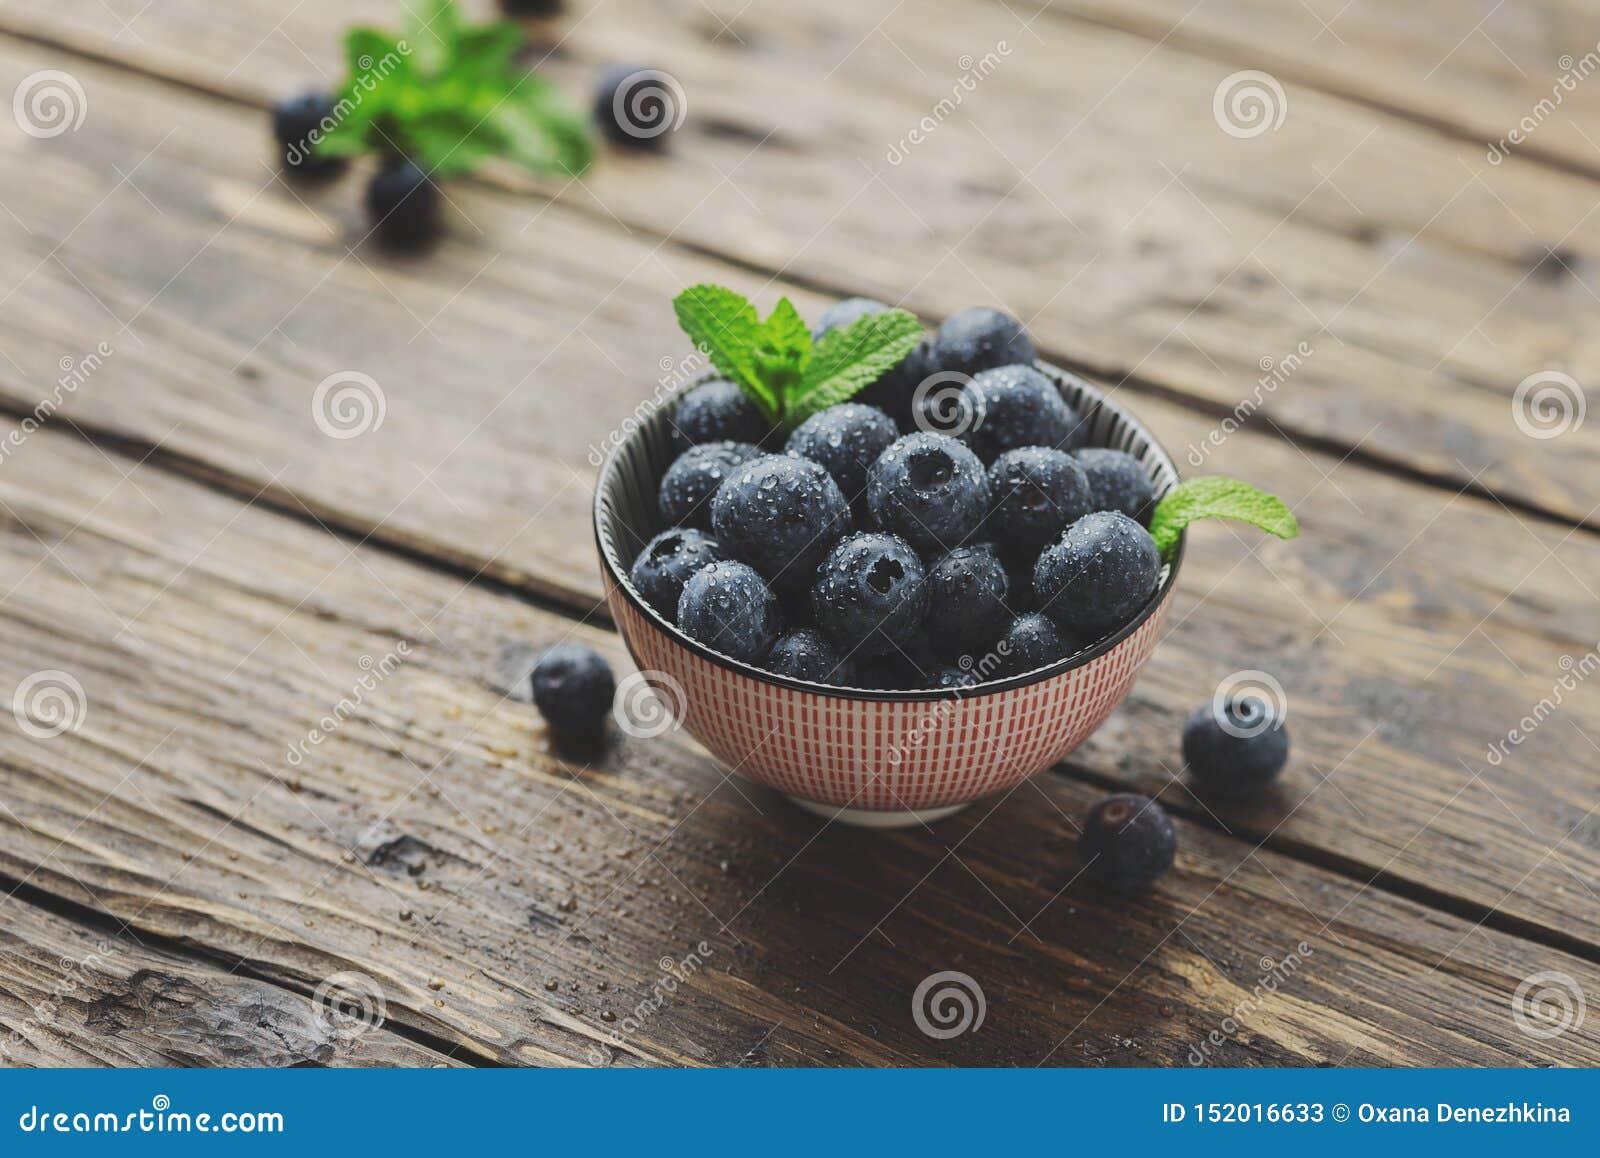 新鲜的甜蓝莓